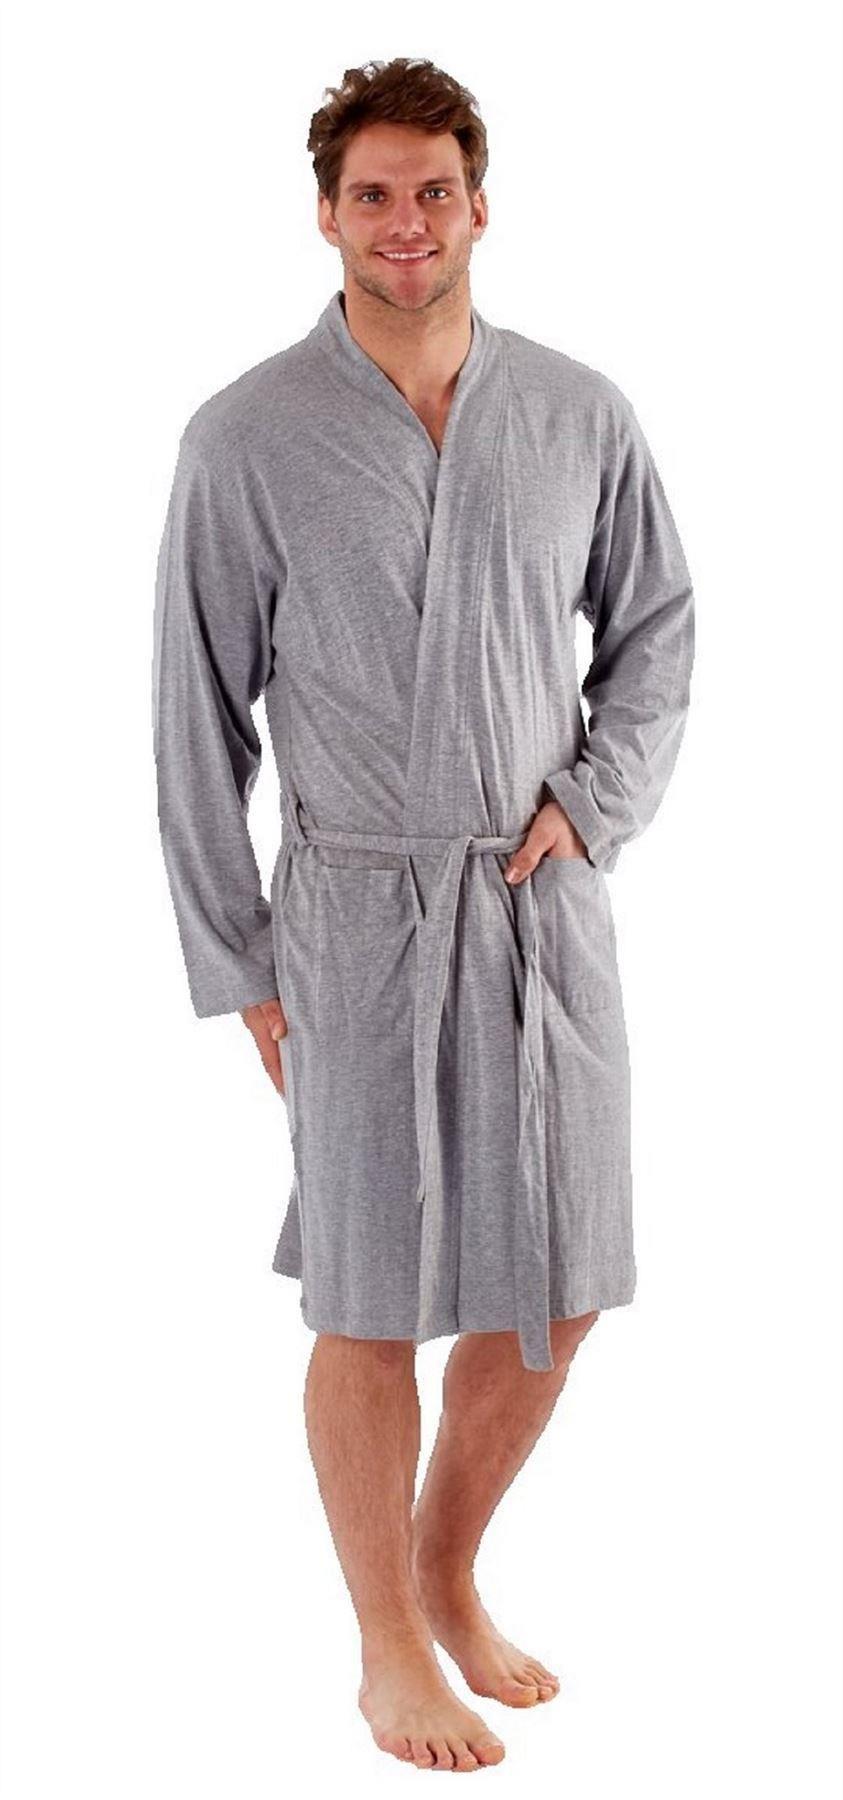 mens robe dressing gown kimono cotton bathrobe 40 42 44 46 With robe 44